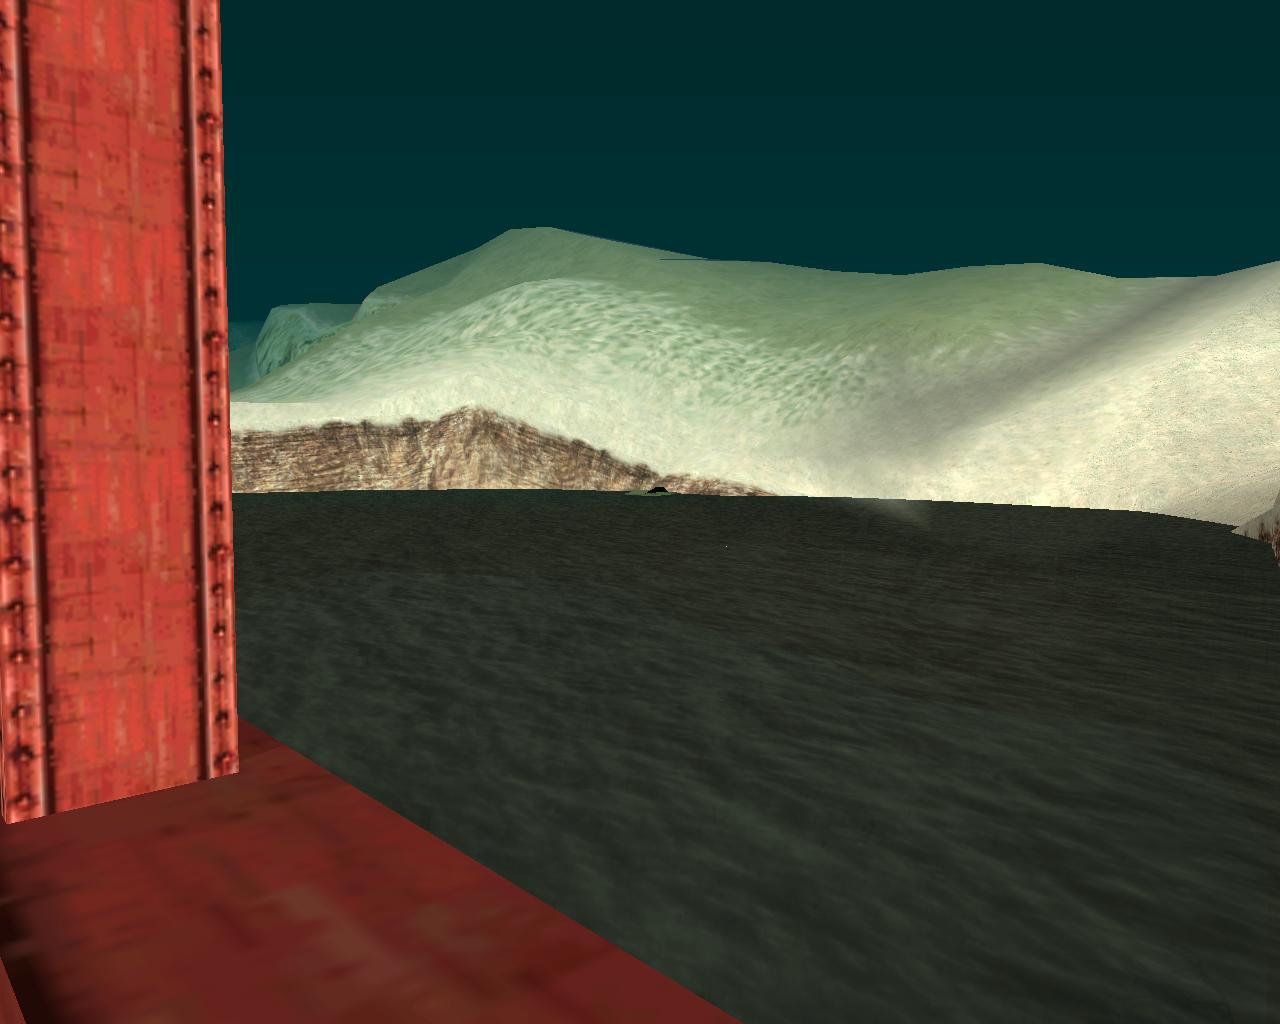 нло - Grand Theft Auto: San Andreas нло инопланетяне